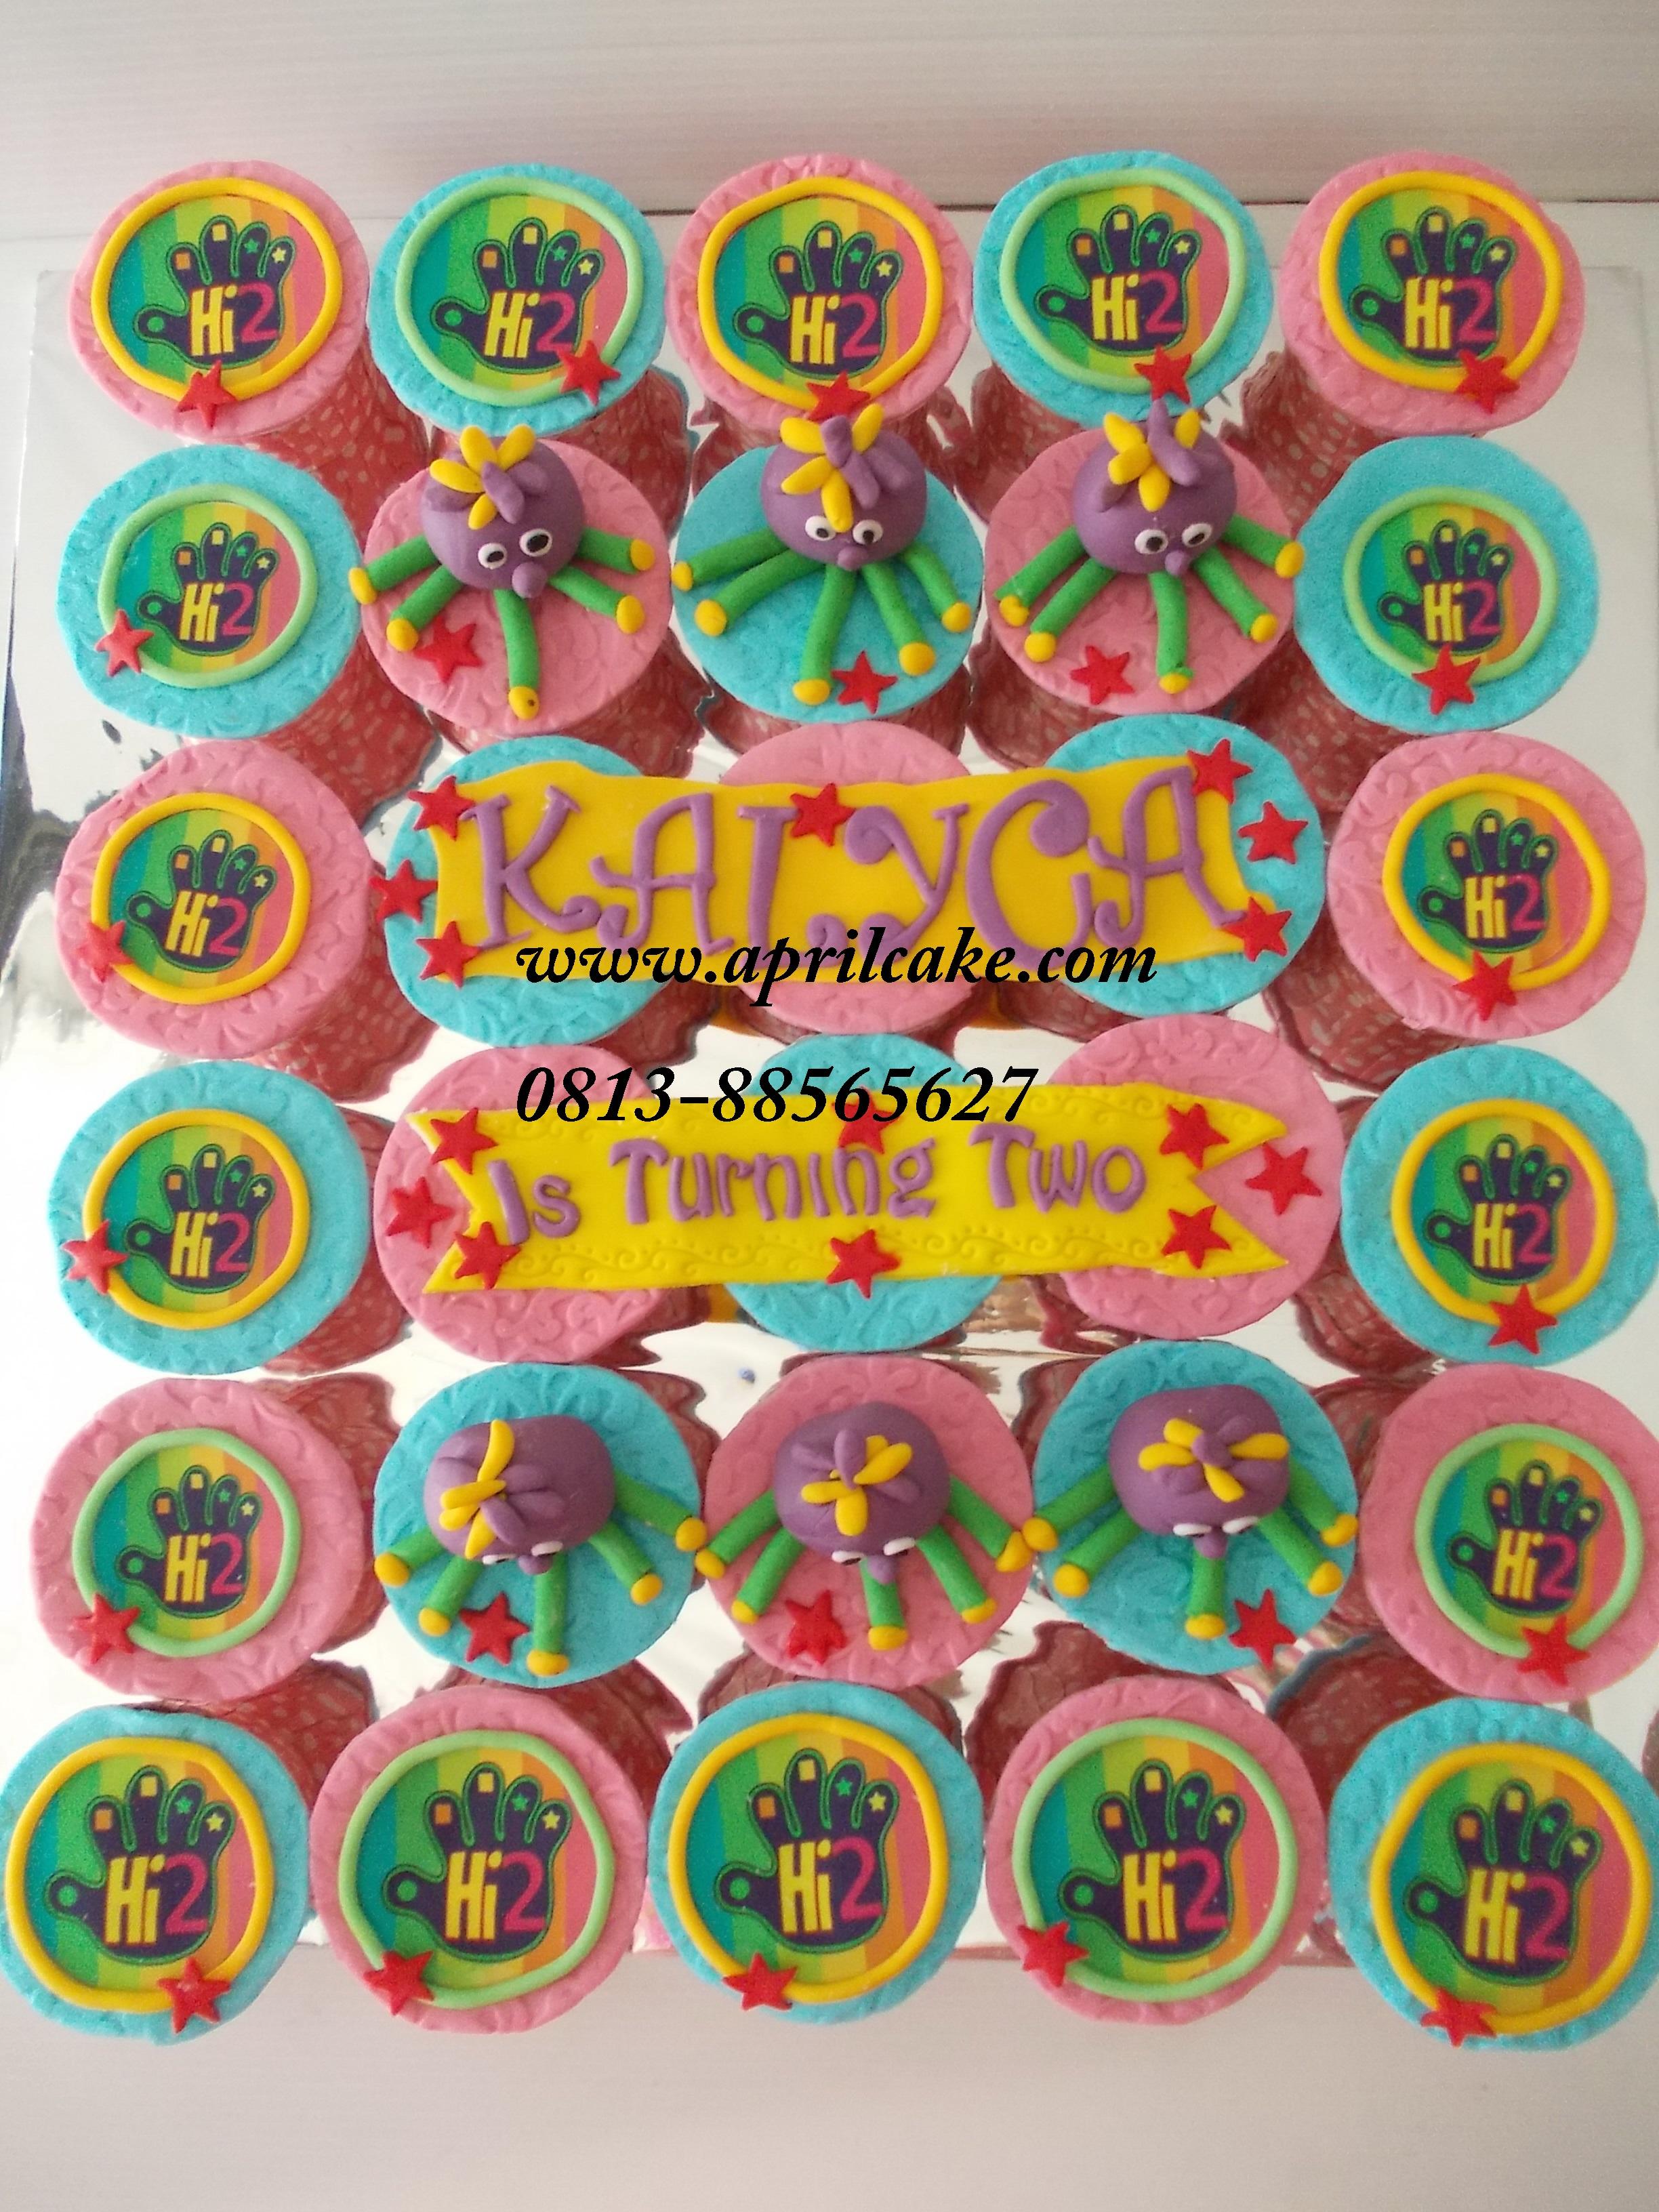 Cupcake Hi5 Kalyca